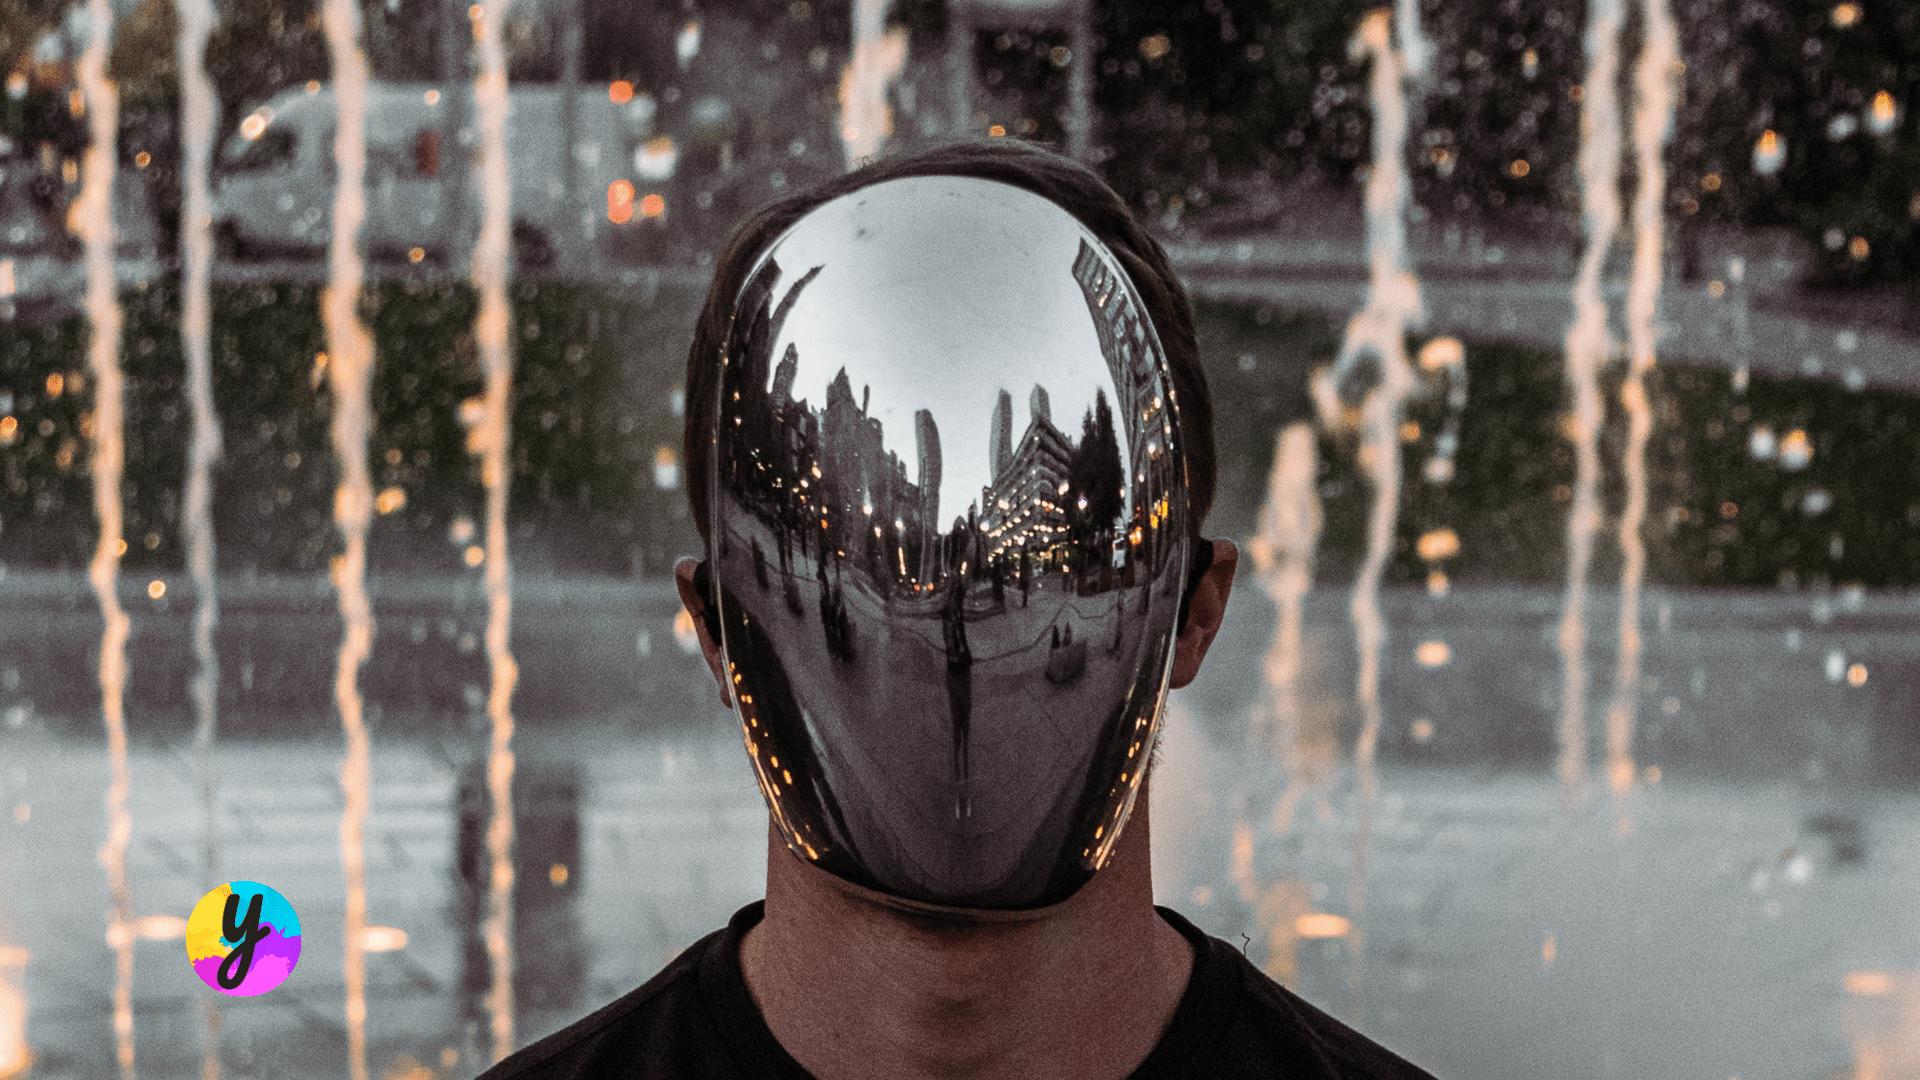 Vous ne portez pas de masque ? Etes-vous narcissiques, psychopathes ou machiavéliques ?